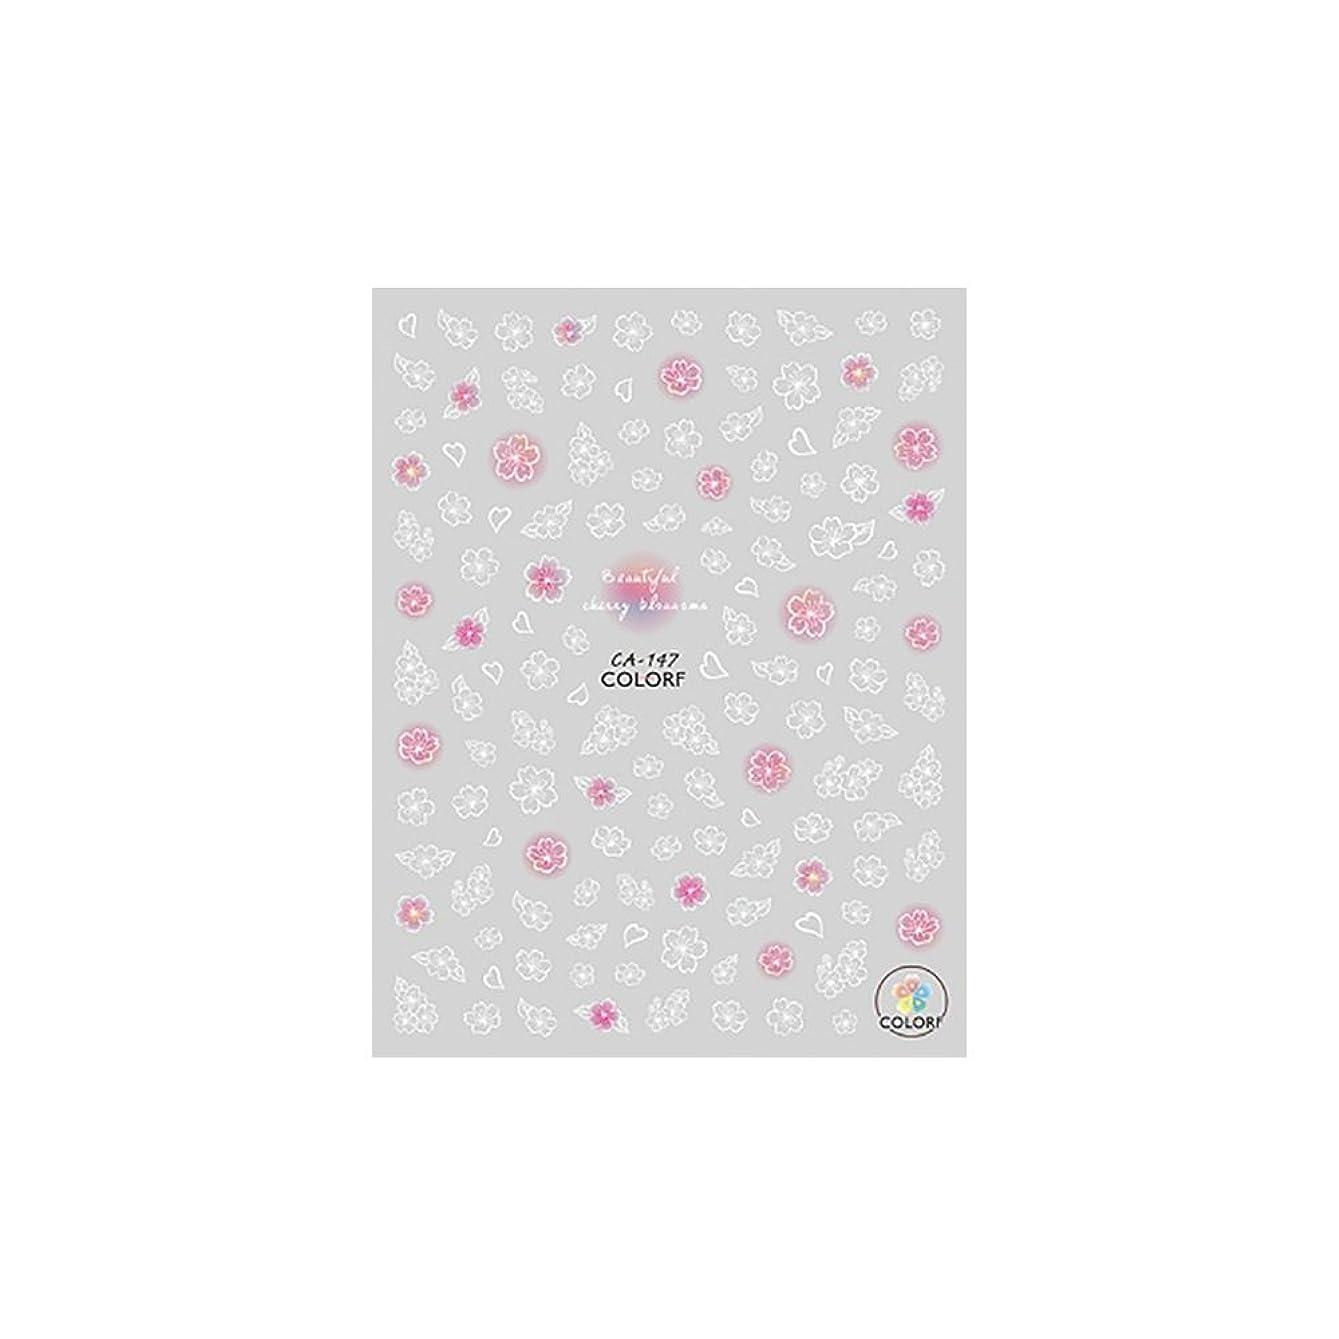 戦艦宇宙飛行士三角【CA-147】 桜吹雪ネイルシール ホワイト